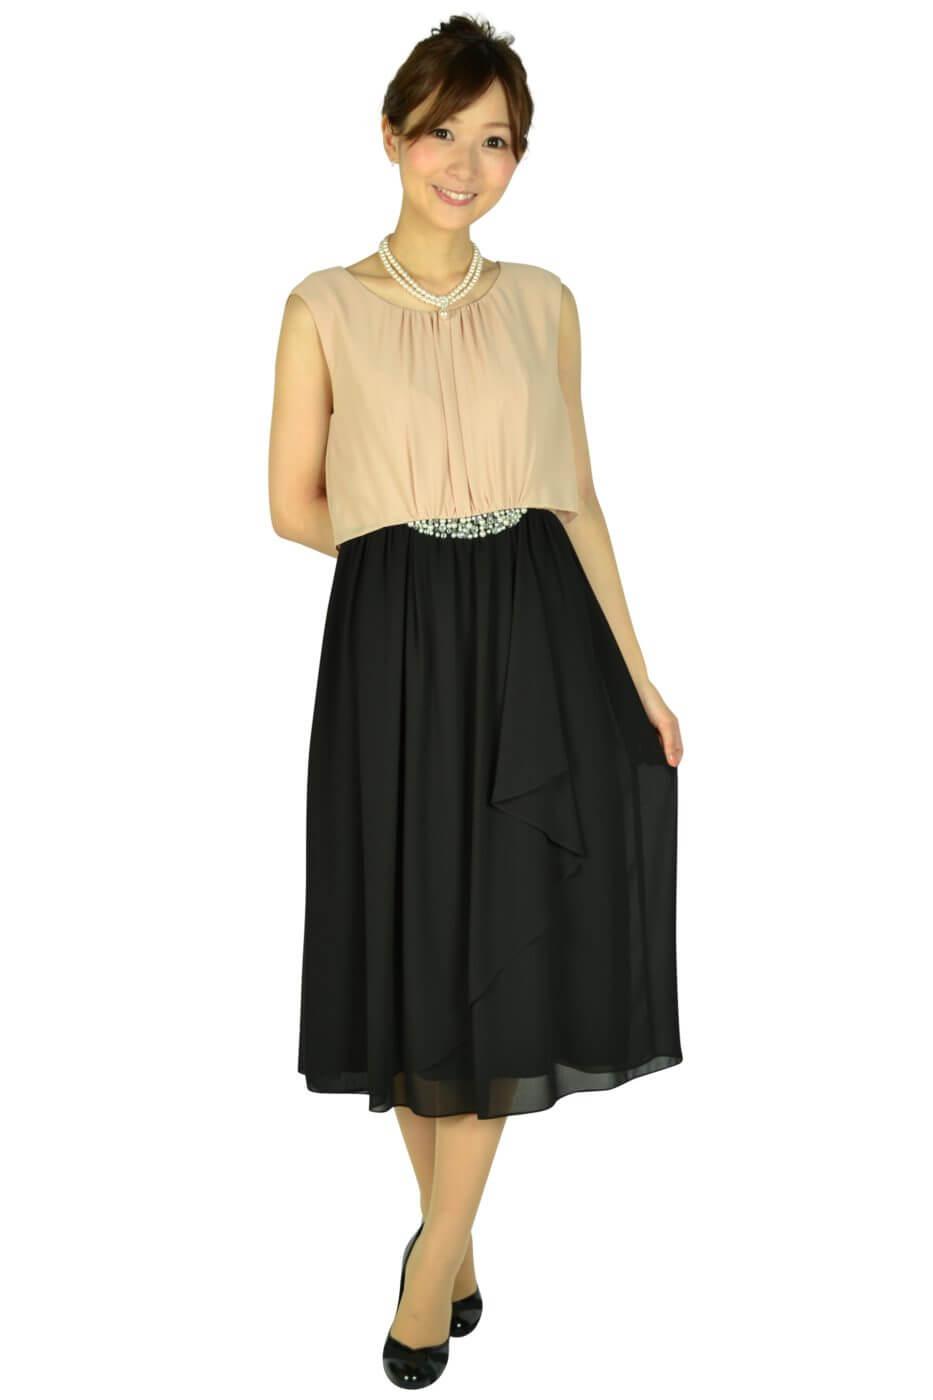 ミベル ミューズ (mebelle muse)ウェストパールバイカラードレス